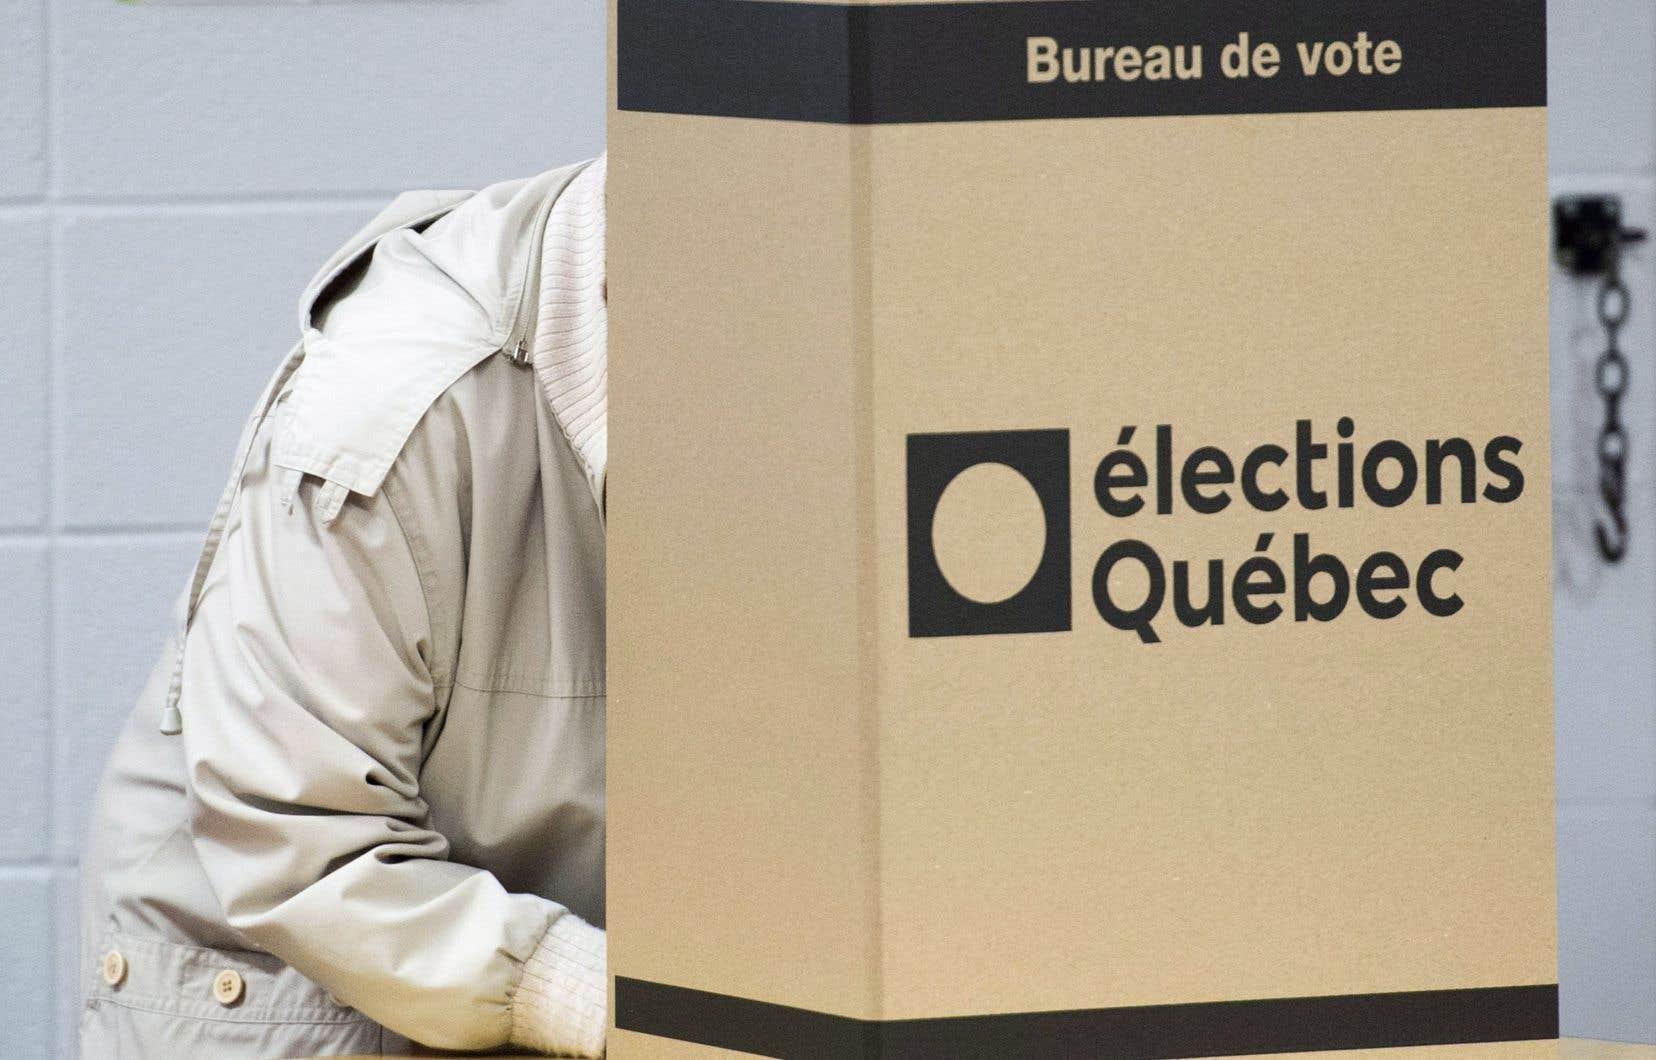 «S'il n'existe pas de consensus institutionnel dans cette affaire faute d'appui de l'opposition officielle, affirment les auteurs, reste évidemment l'option de faire valider le tout par les citoyens québécois dans le cadre d'un référendum.»